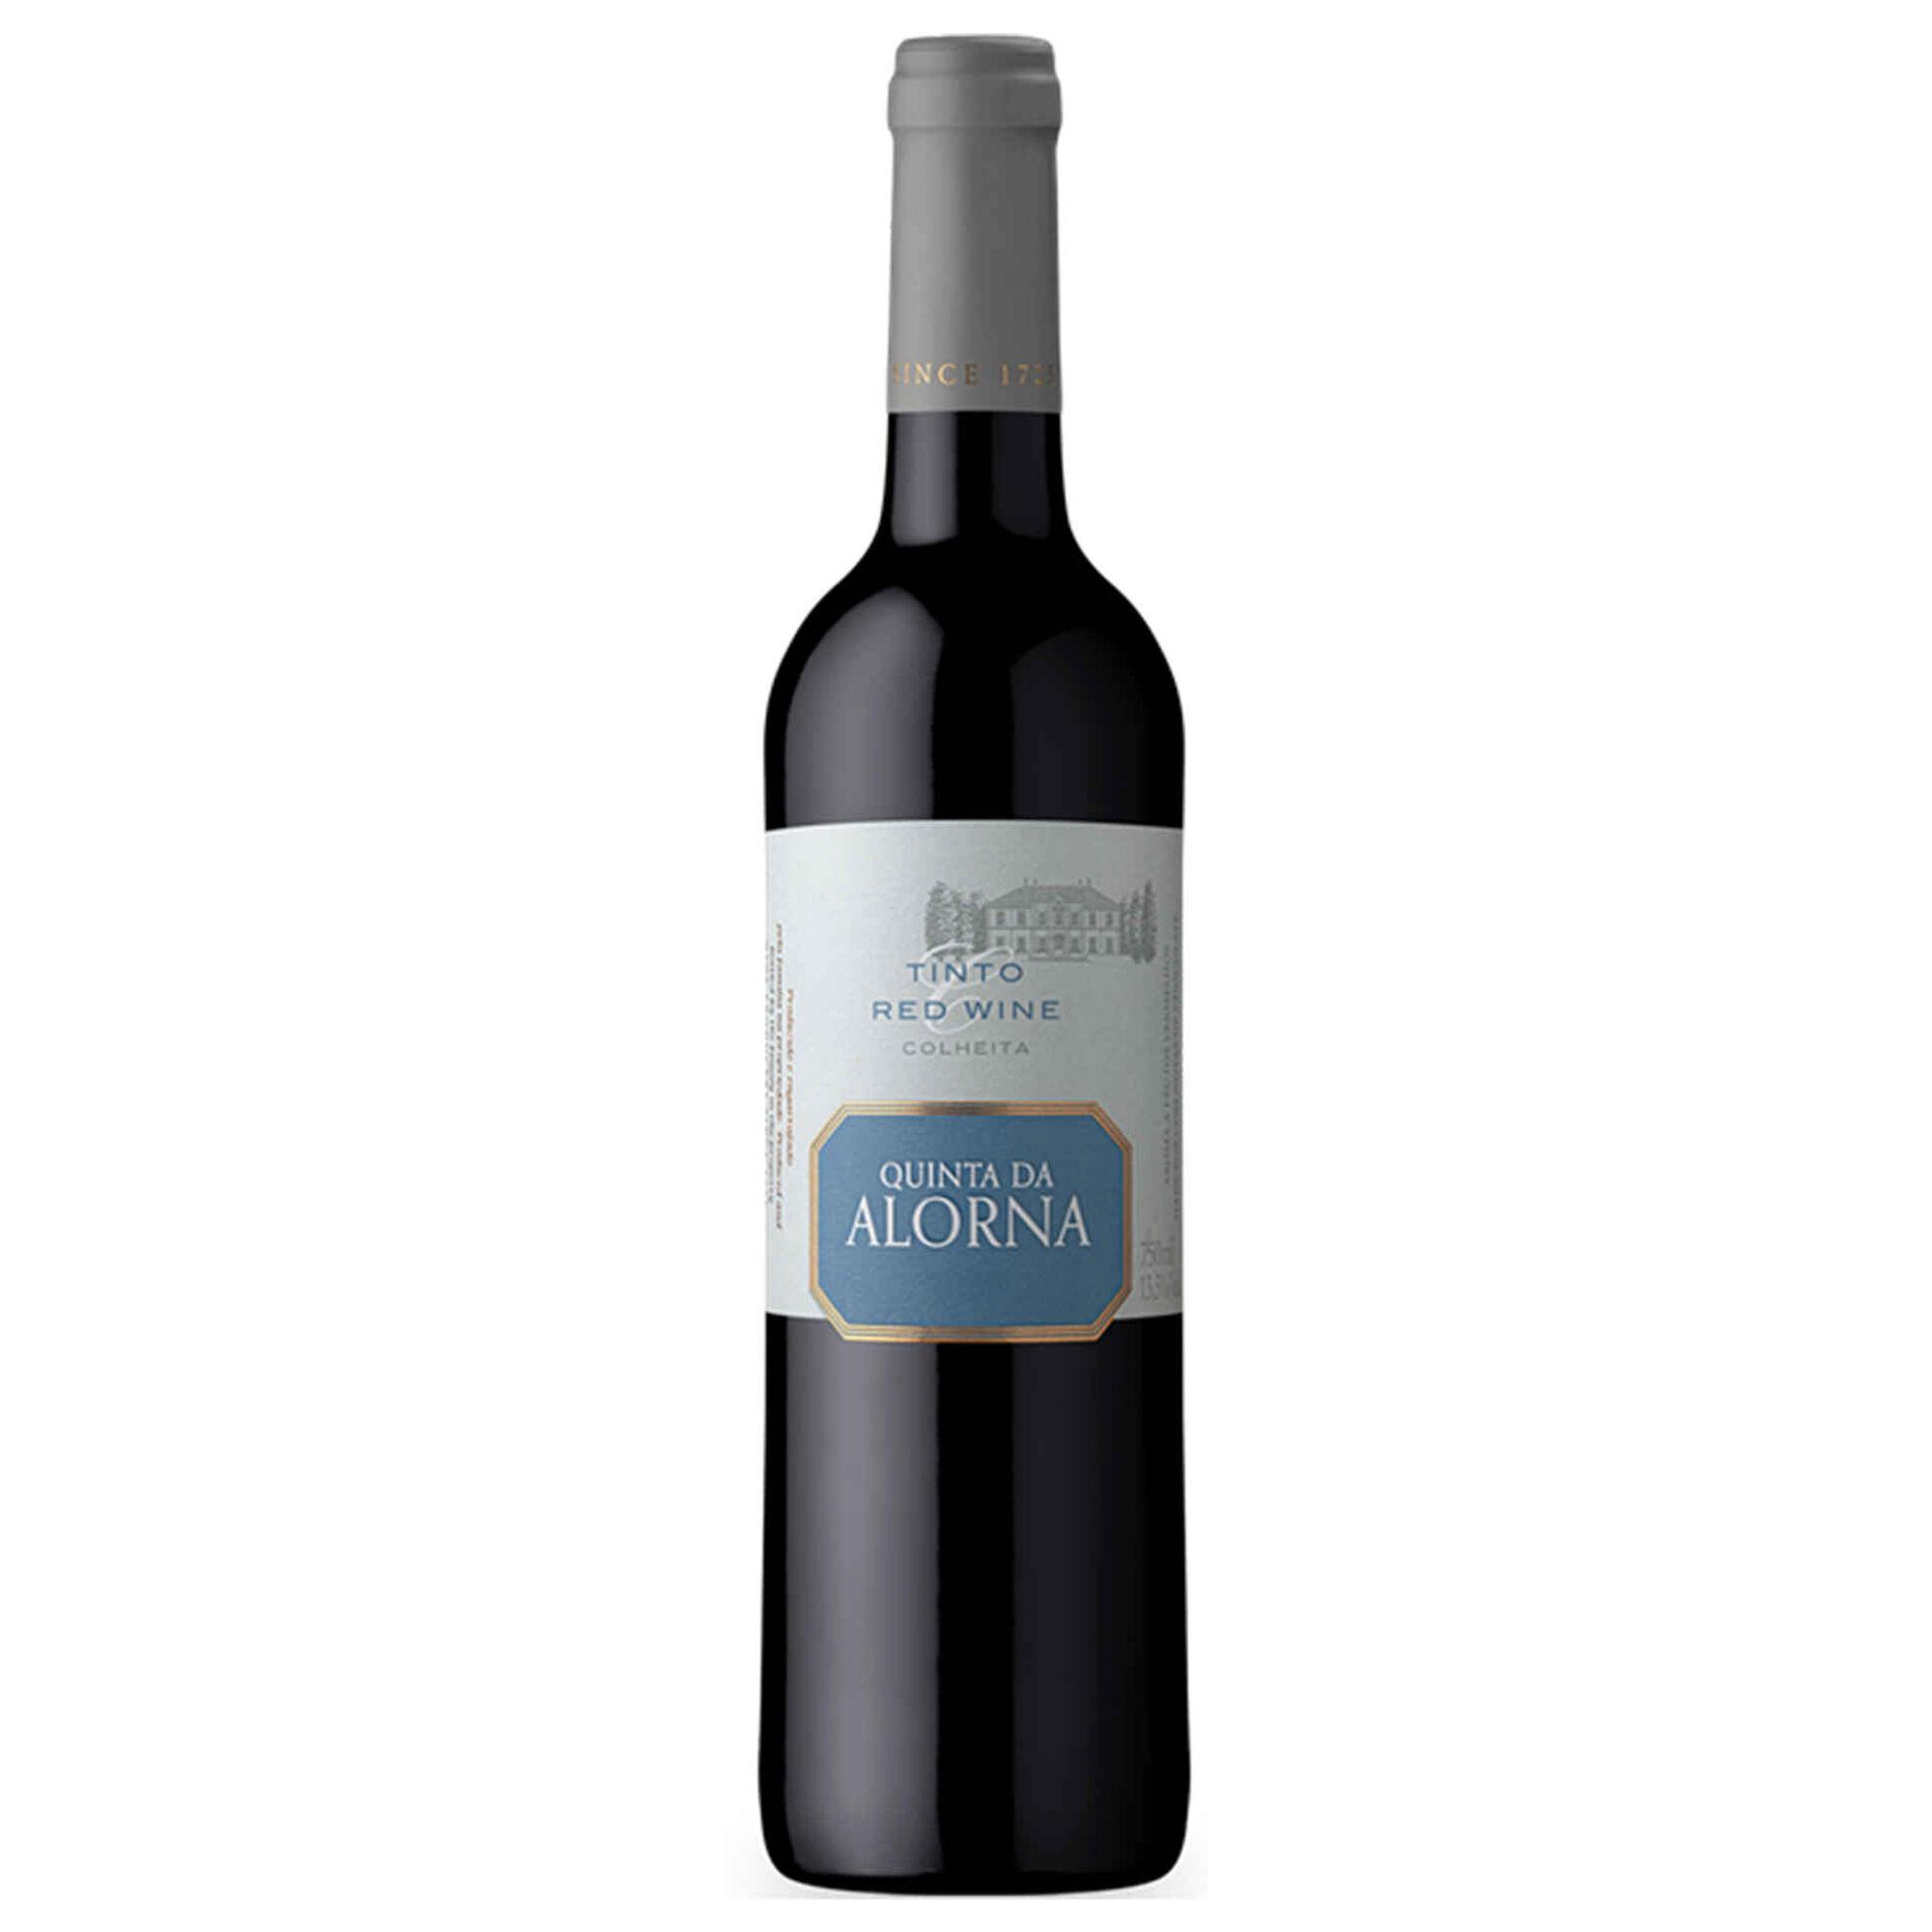 Quinta da Alorna Regional Tejo Vinho Tinto